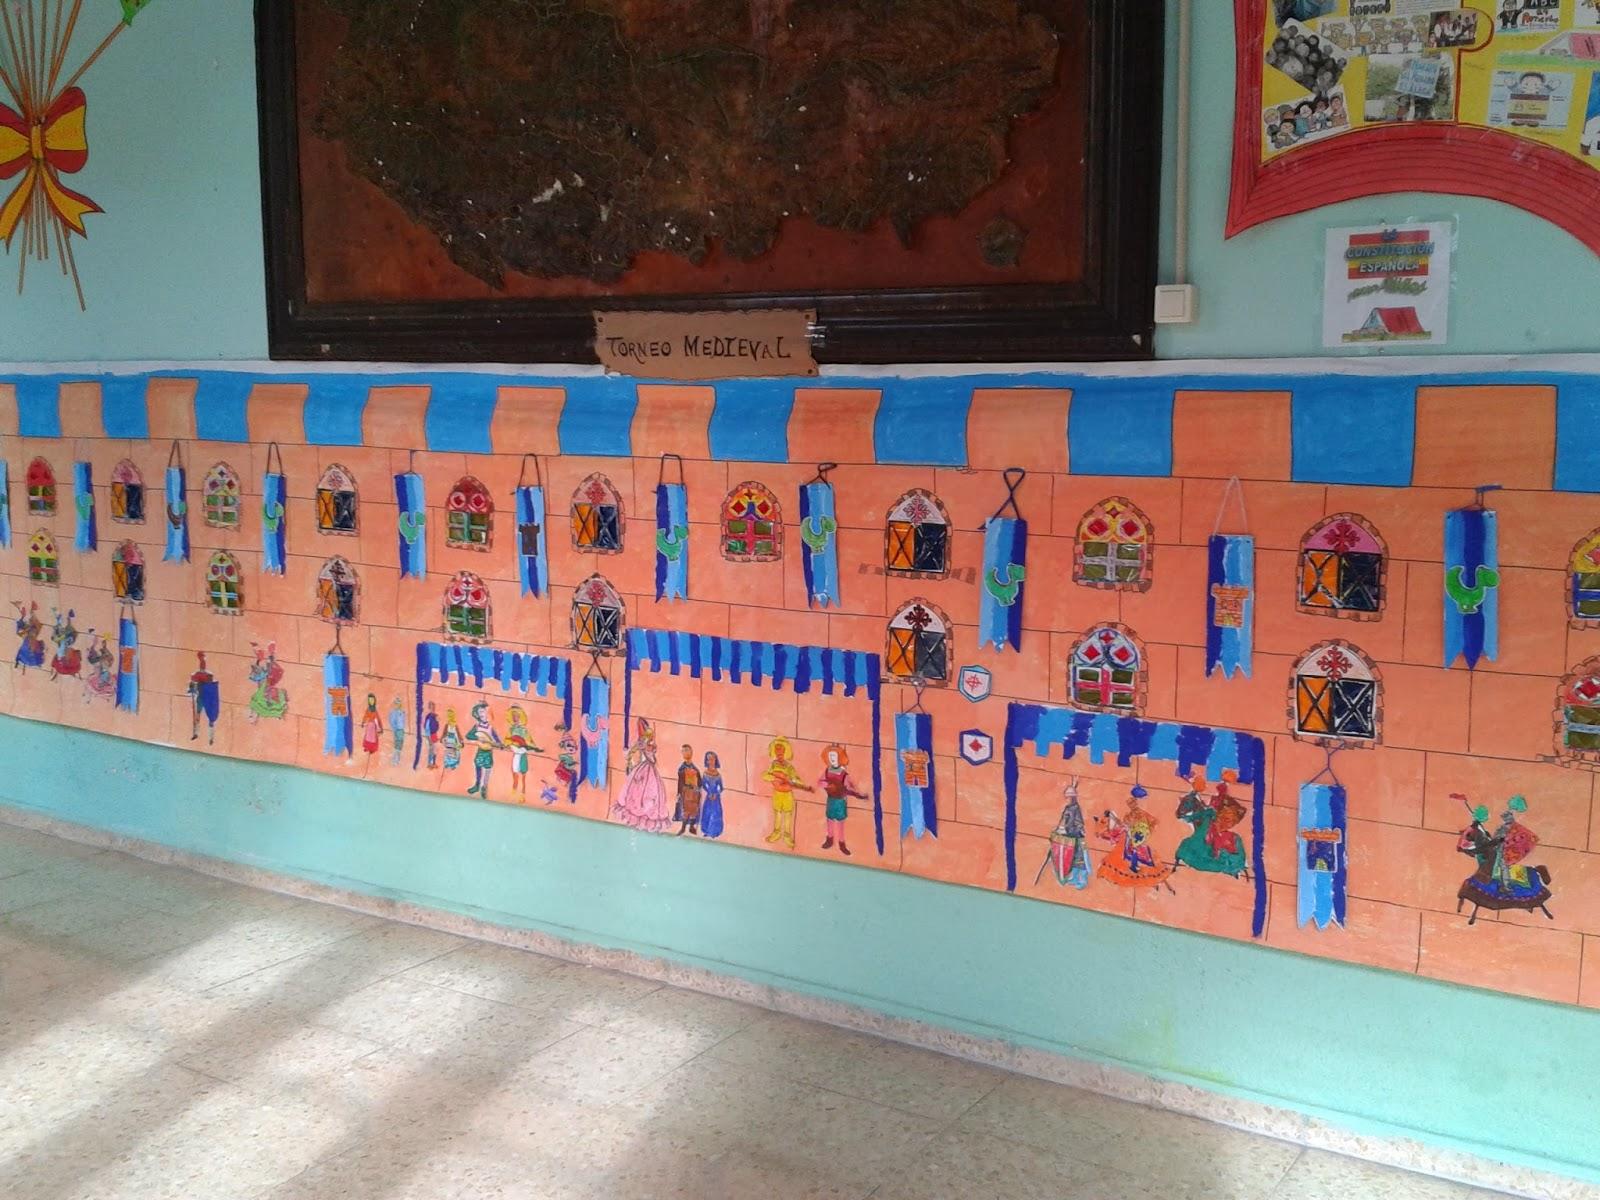 Los peques de feli nuestro mural de la edad media for Mural una familia chicana